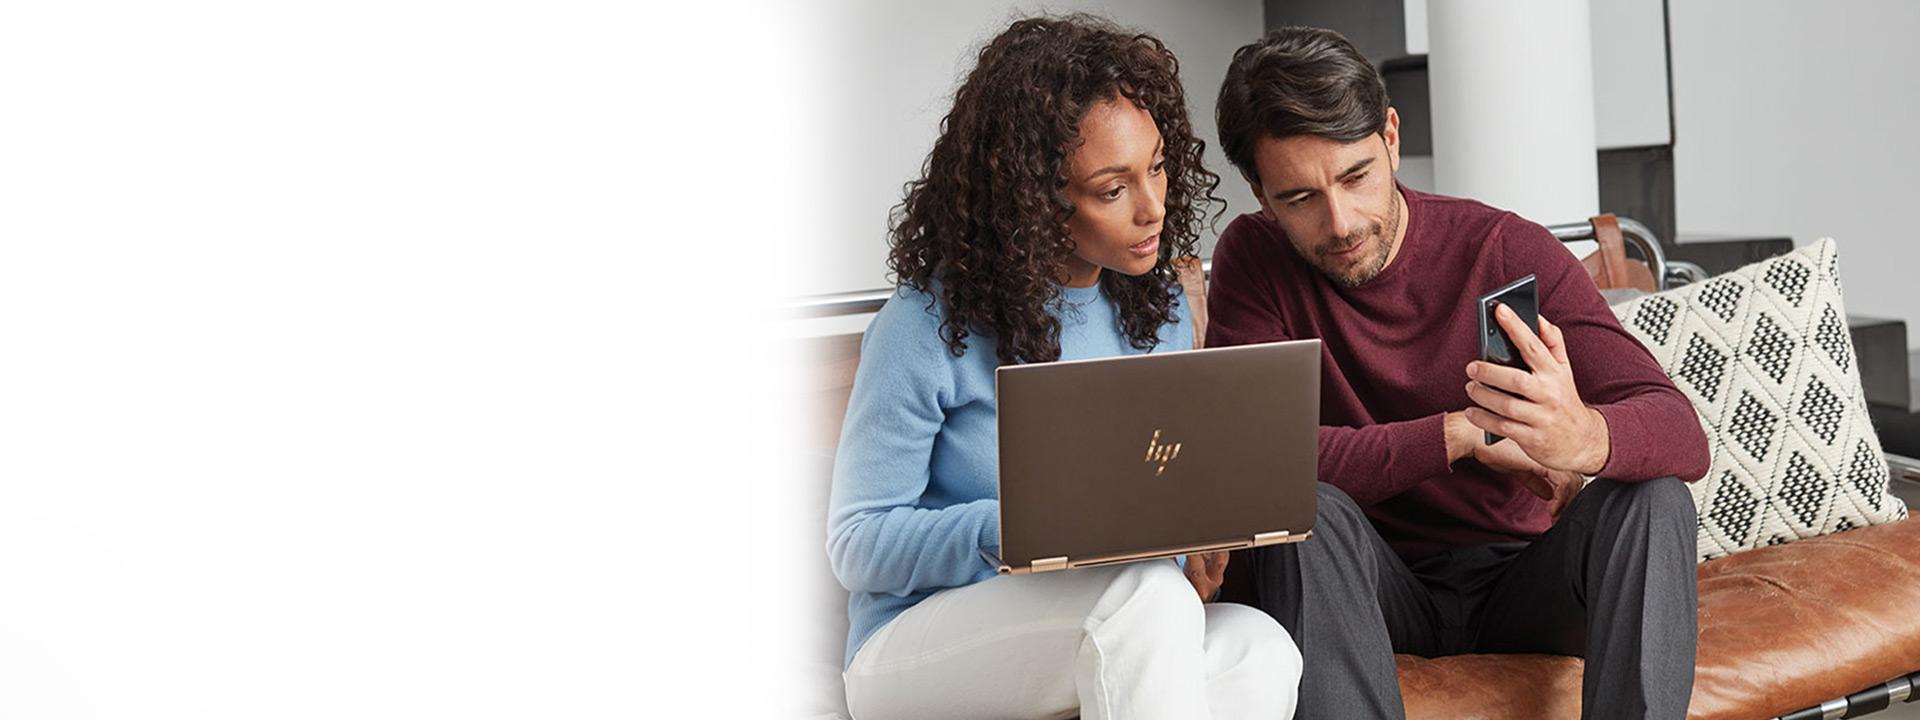 女人和男人坐在沙發上,一起看著 Windows 10 筆記型電腦和行動裝置